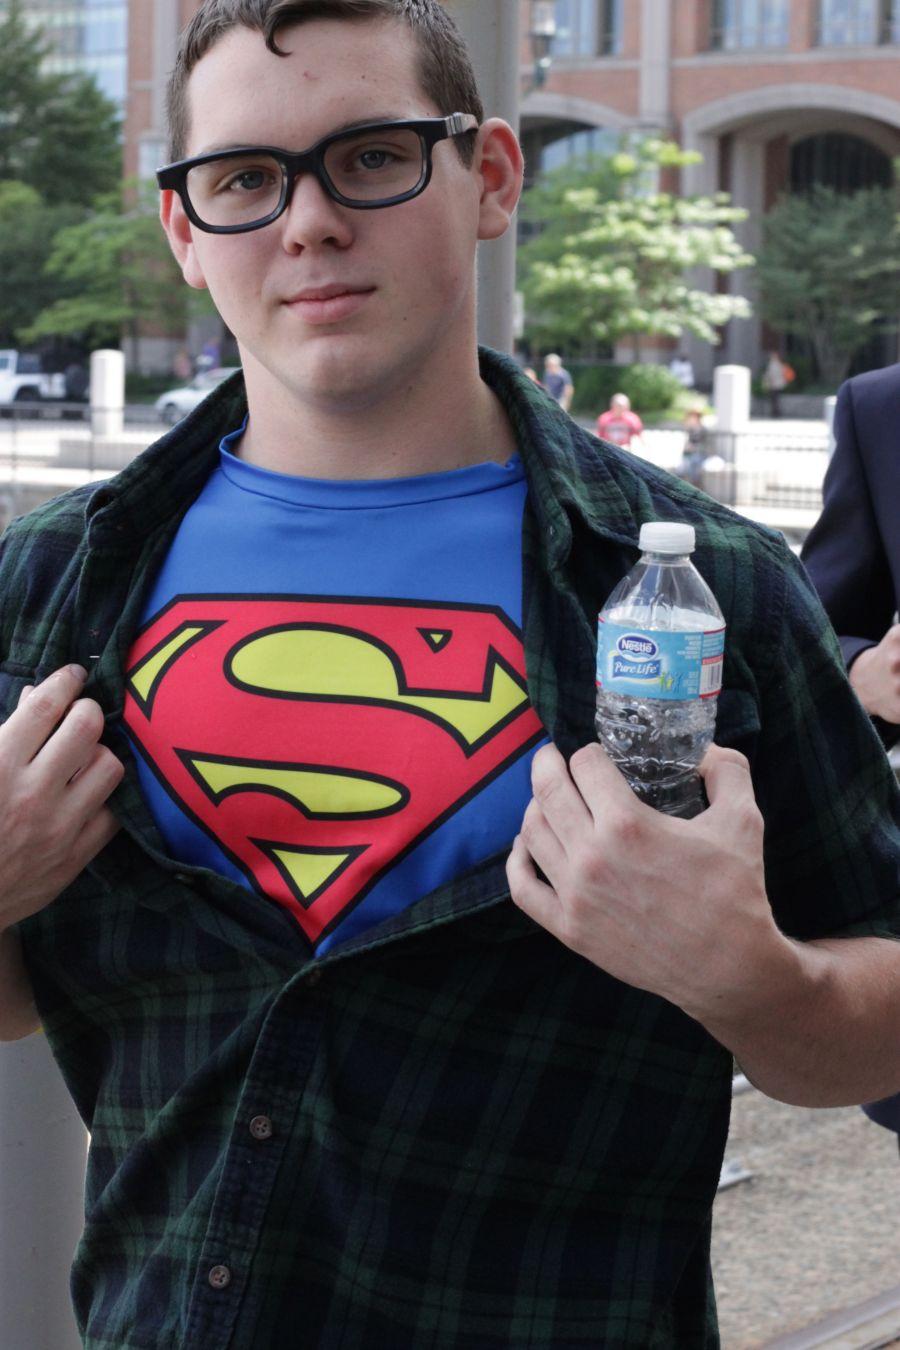 boston comic con august 8 costumes 5